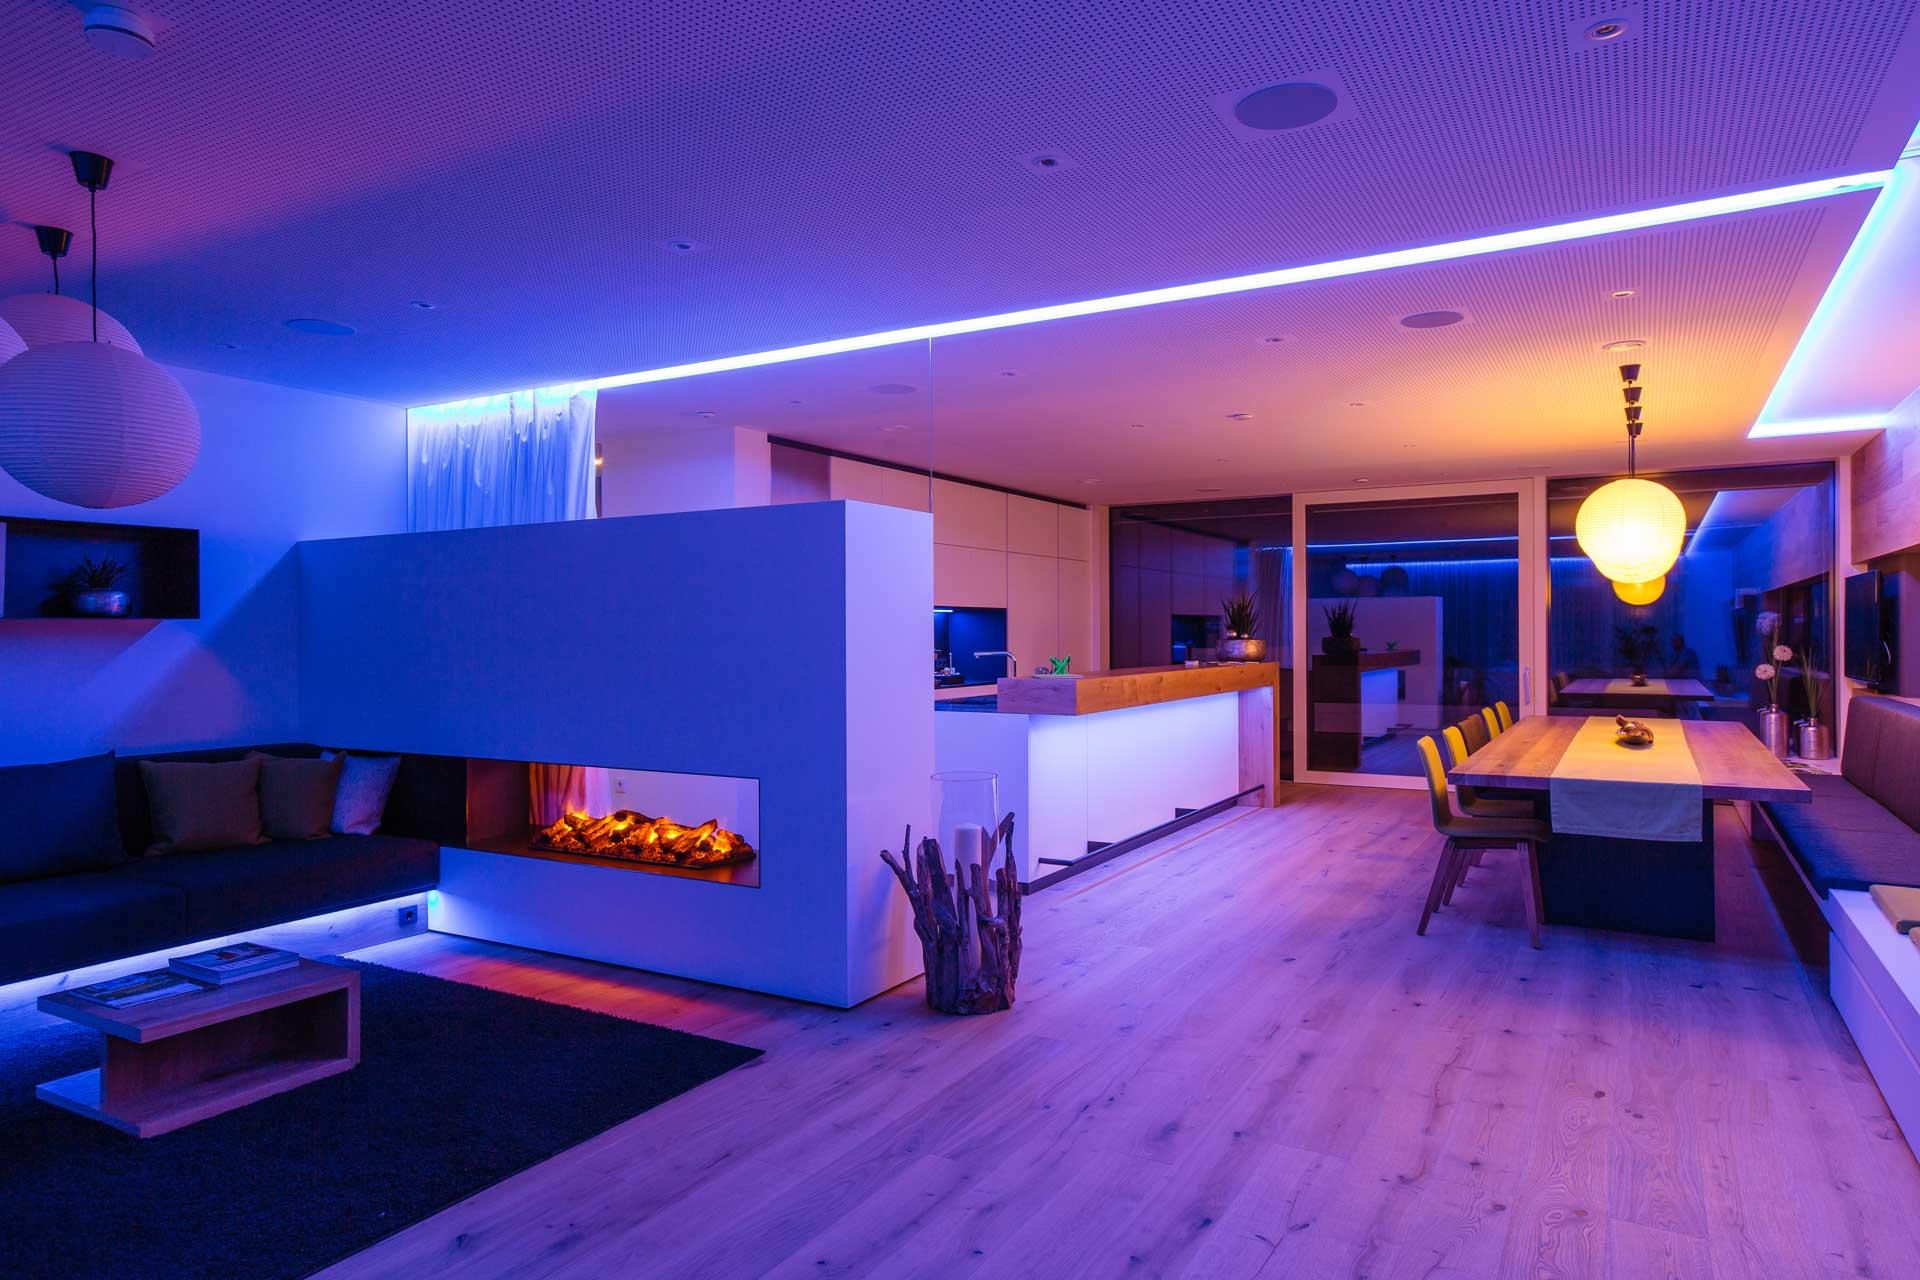 Wohnbereich blau violett - Smart Home